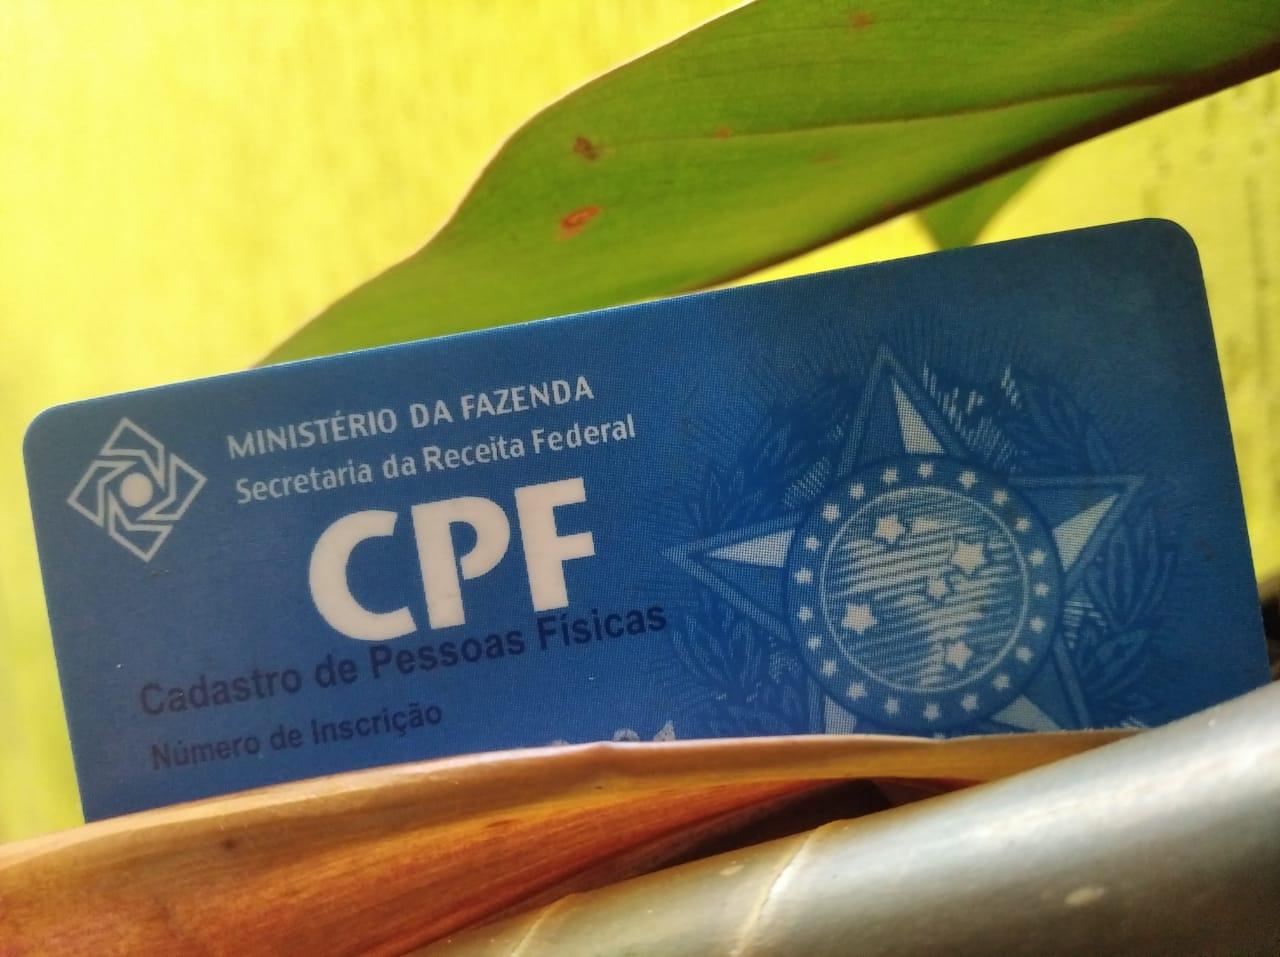 CPF brasileño